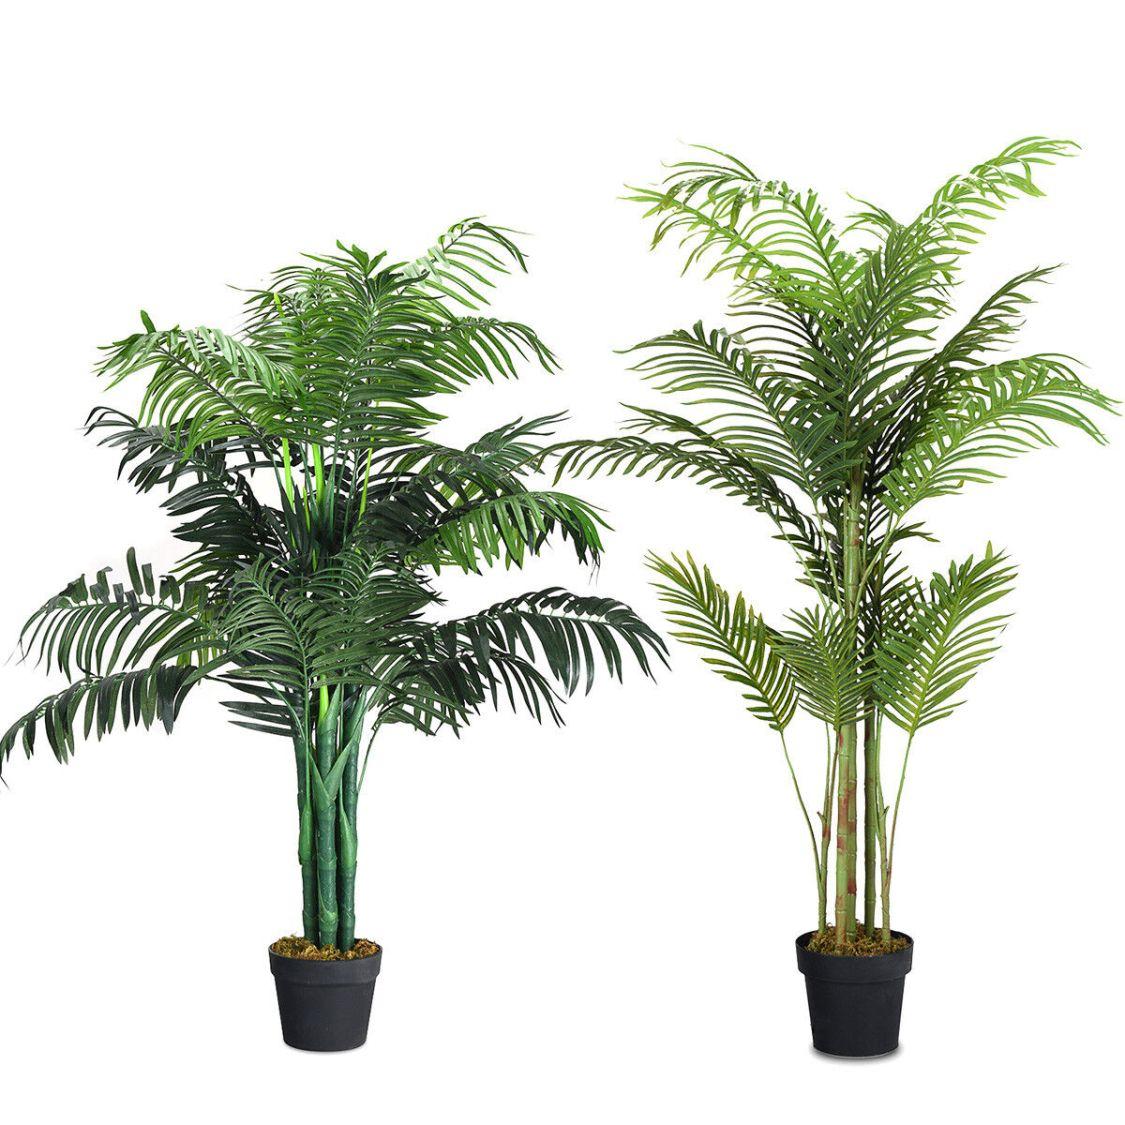 Kunstpflanze künstliche Palme Kunstbaum Zimmerpflanze Zimmerpalme Dekopflanze